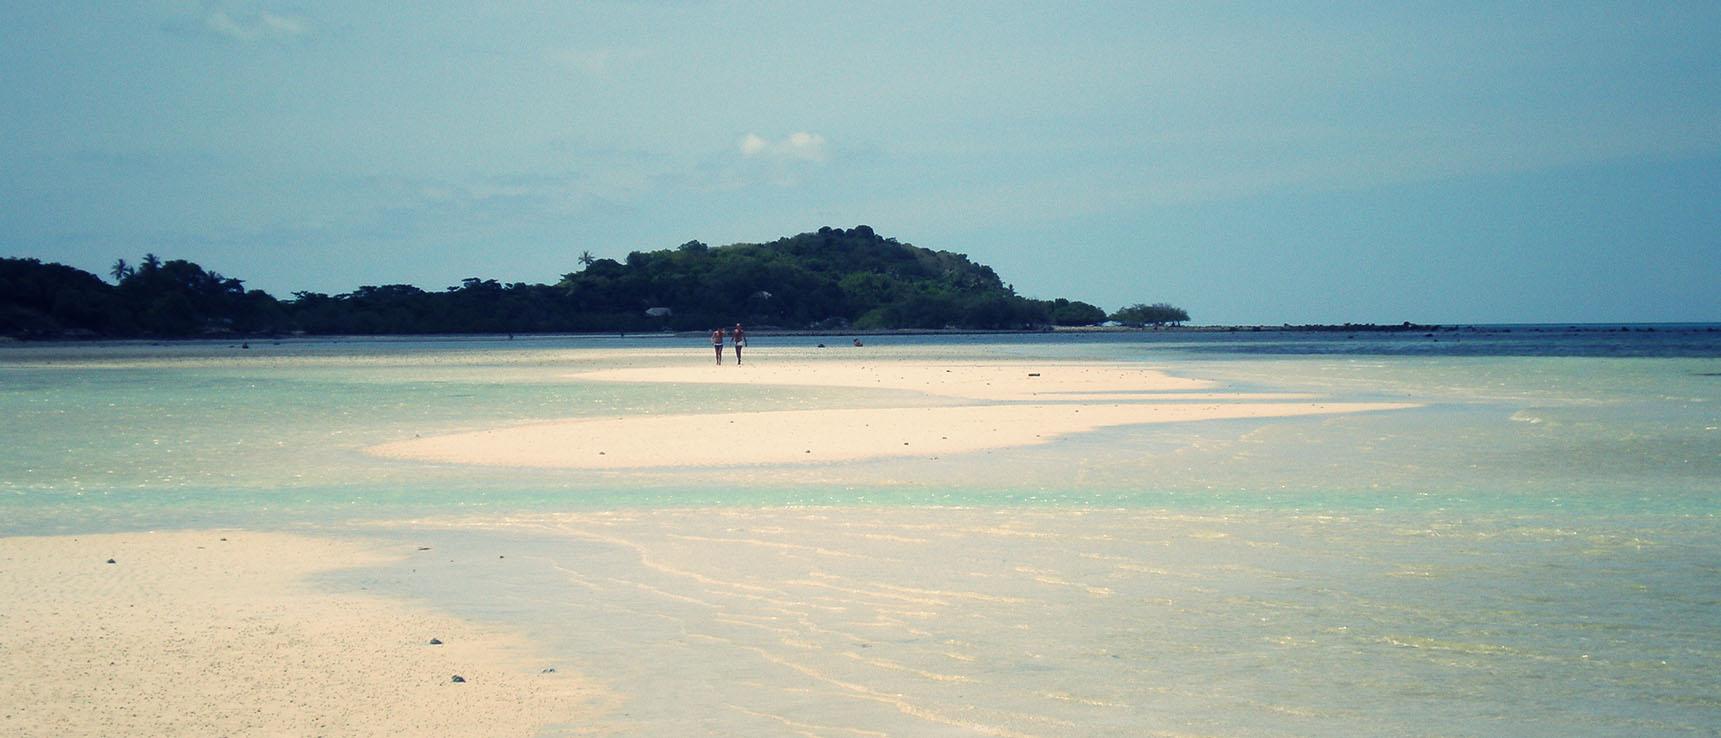 Koh samui beach thailande chaweng